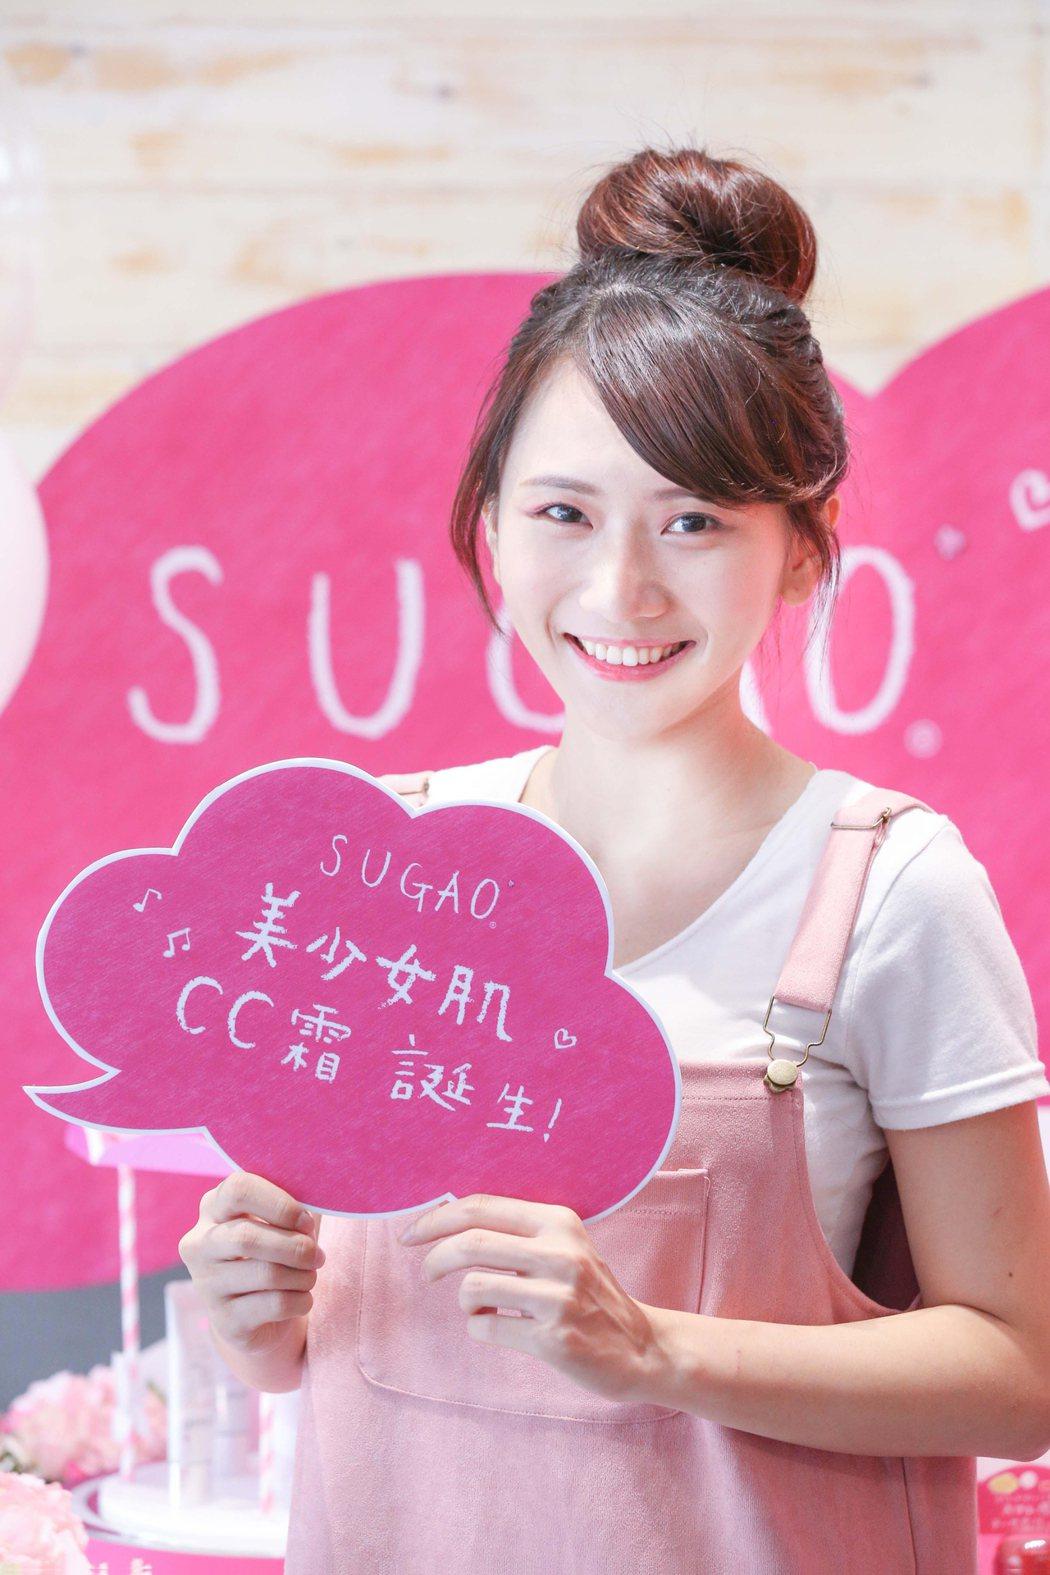 來自日本的SUGAO主打美少女的透明清新妝感。圖/SUGAO提供